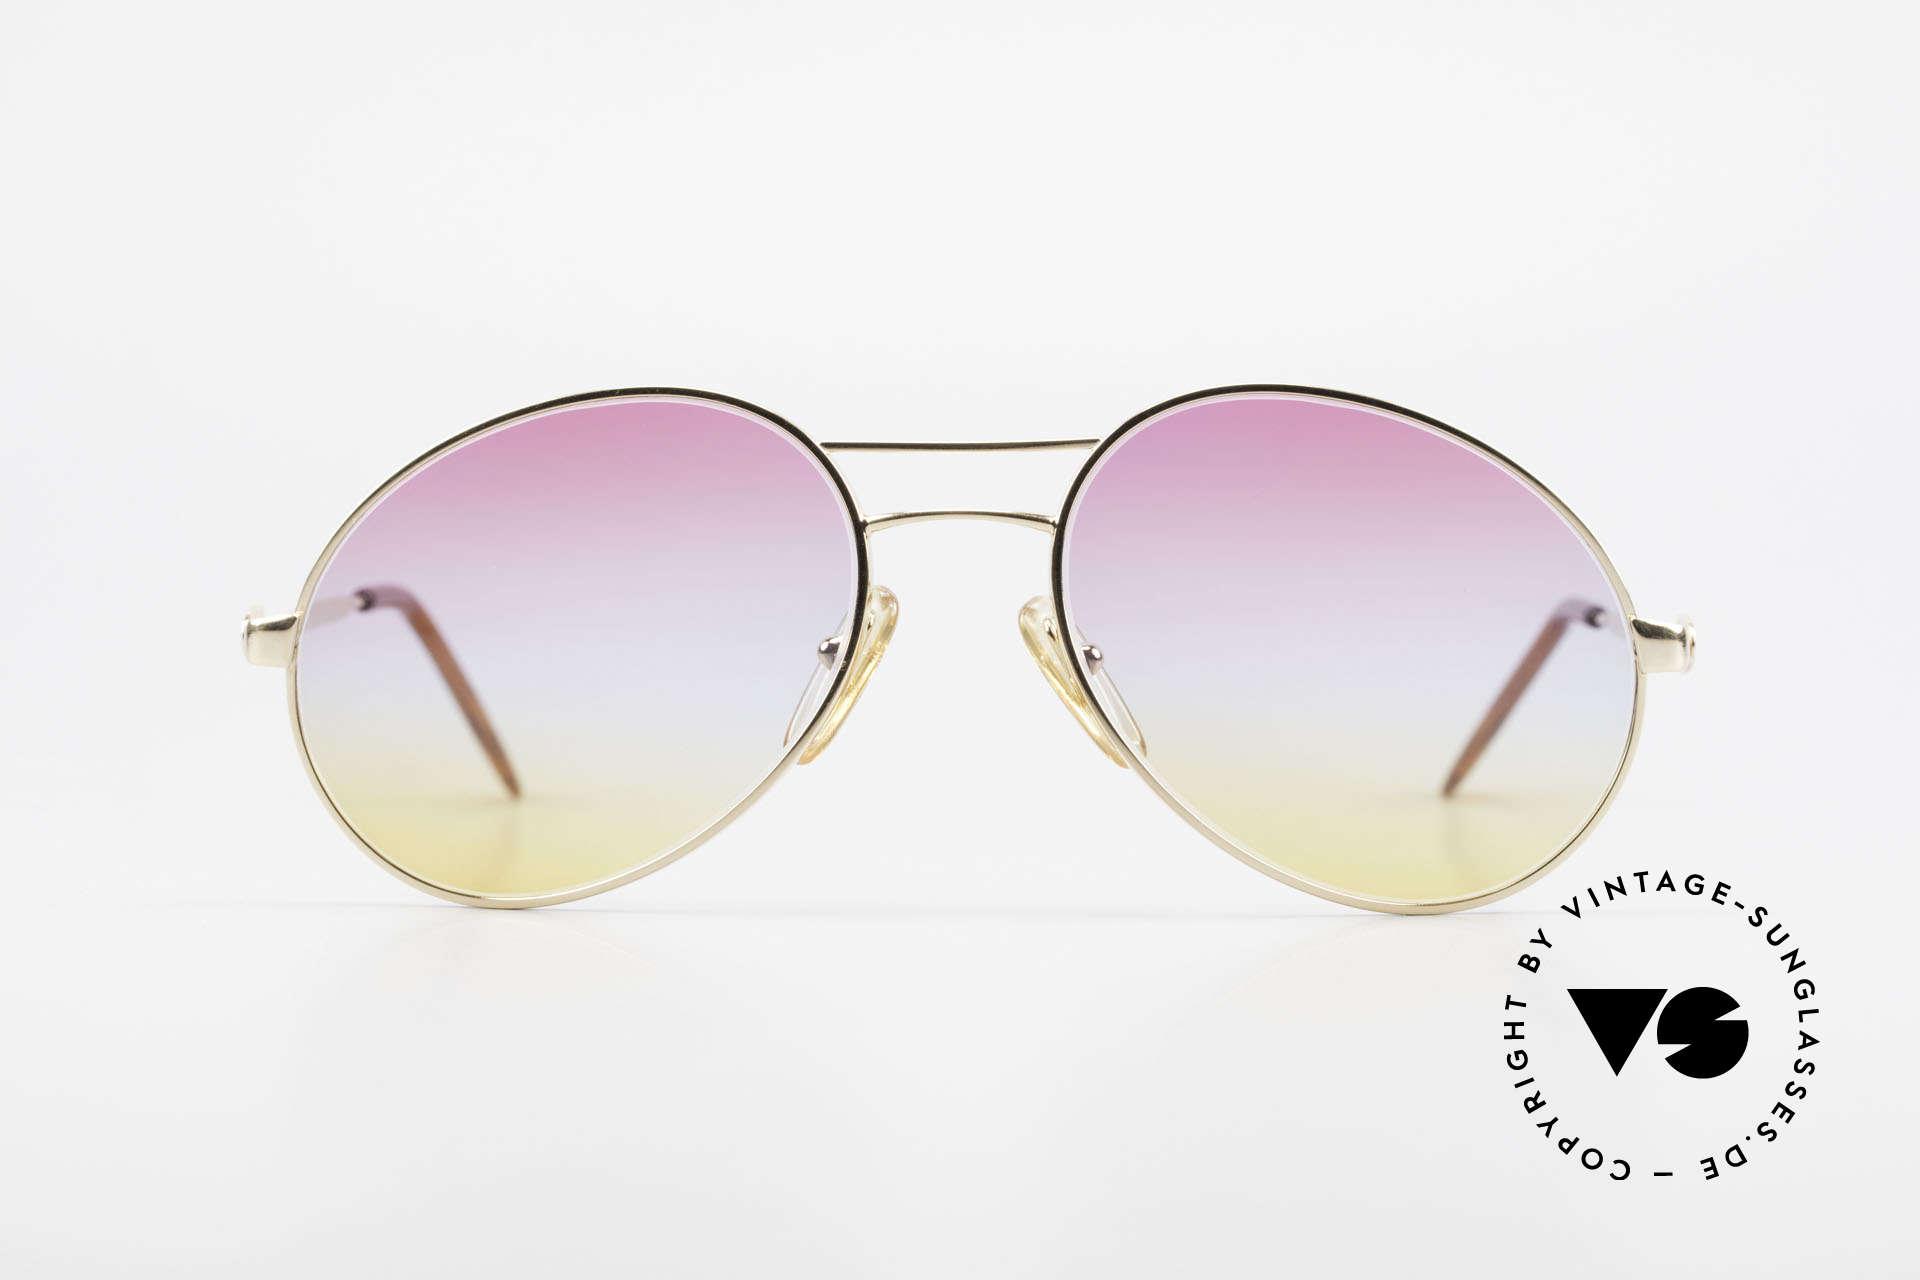 Bugatti 64335 Außergewöhnliche 80er Brille, außergewöhnliche Rahmen-Form (markant), Passend für Herren